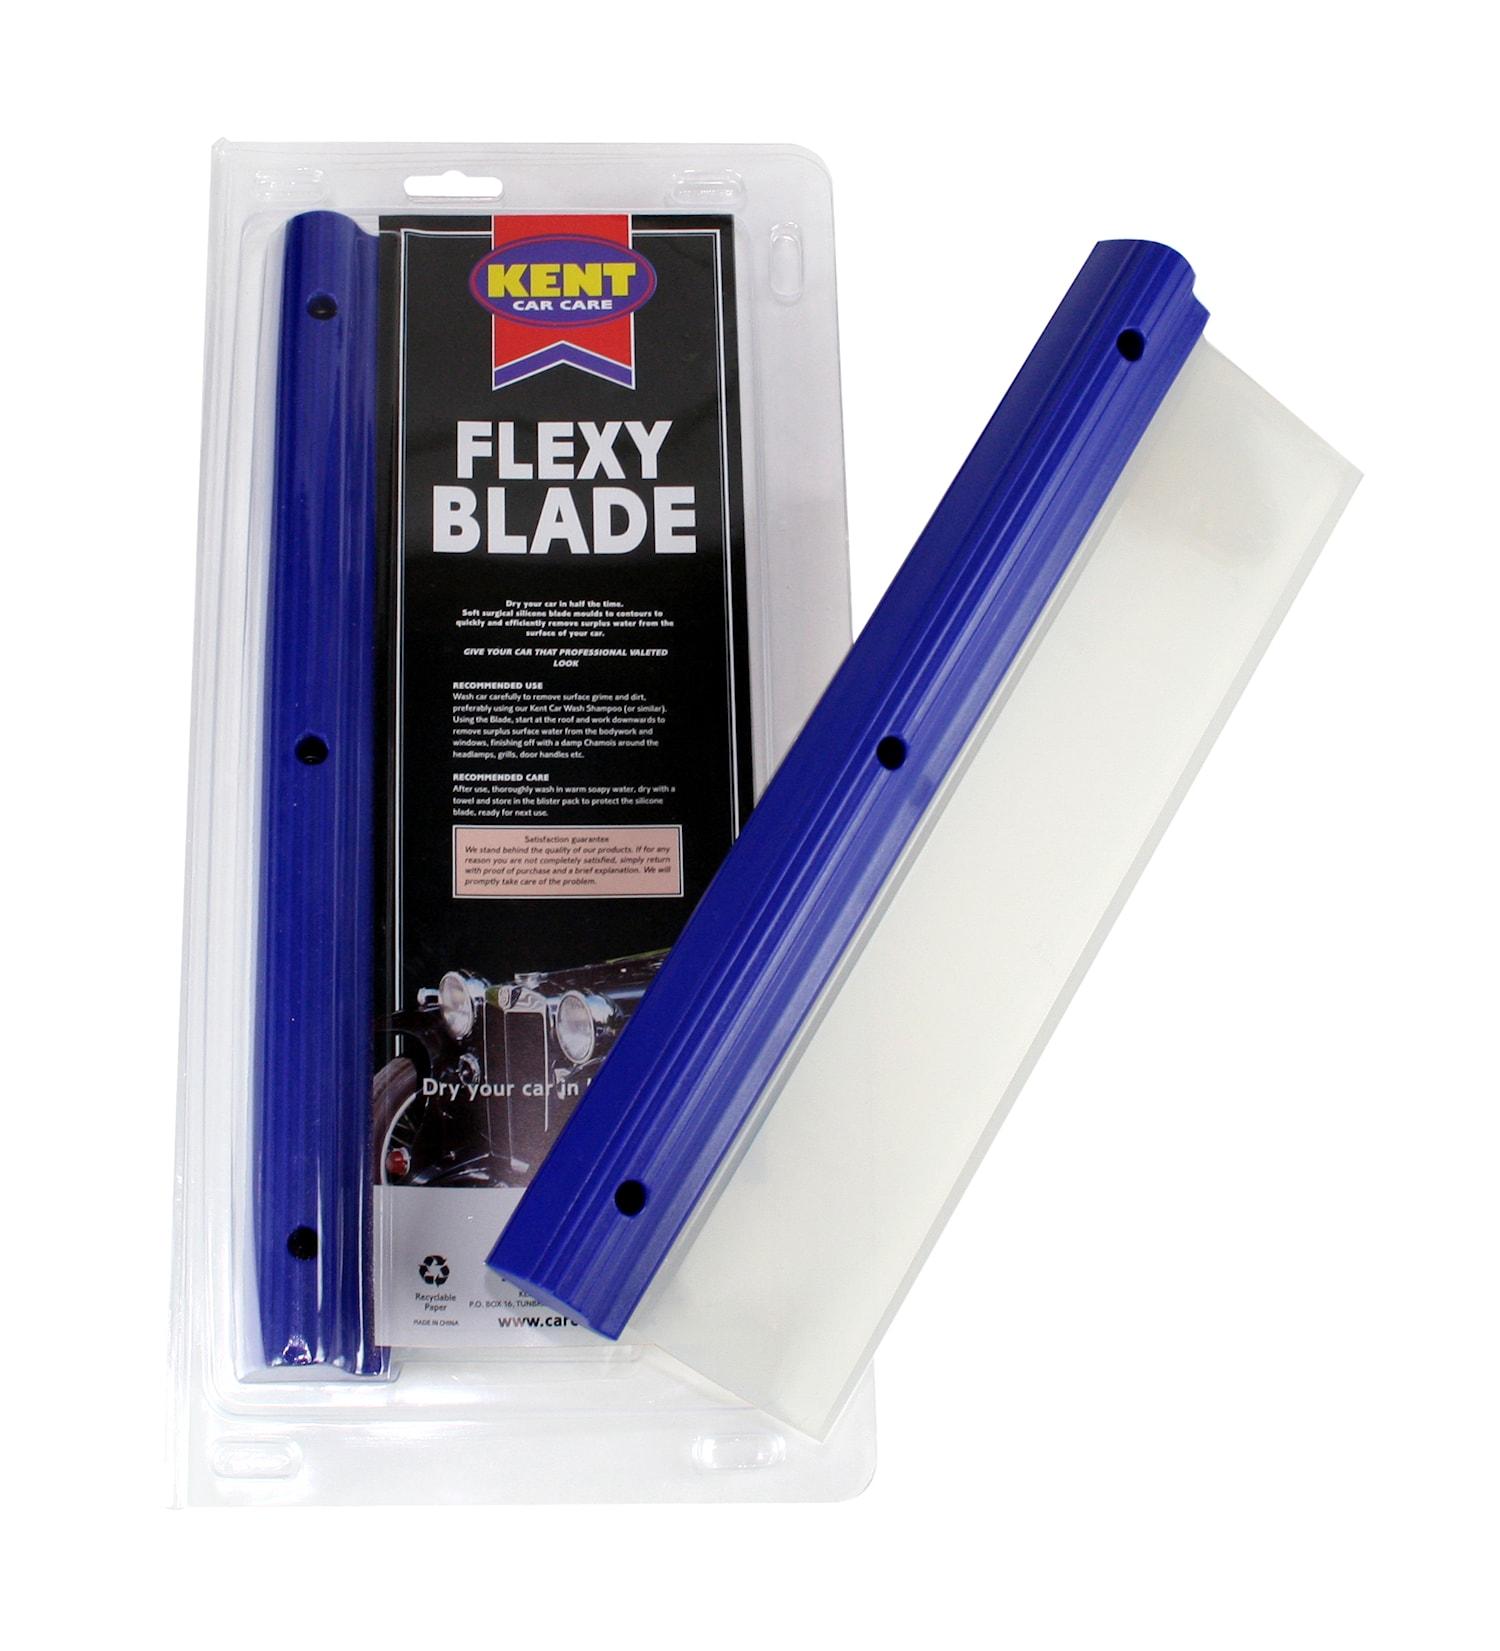 Flexyblade - våtskrapa